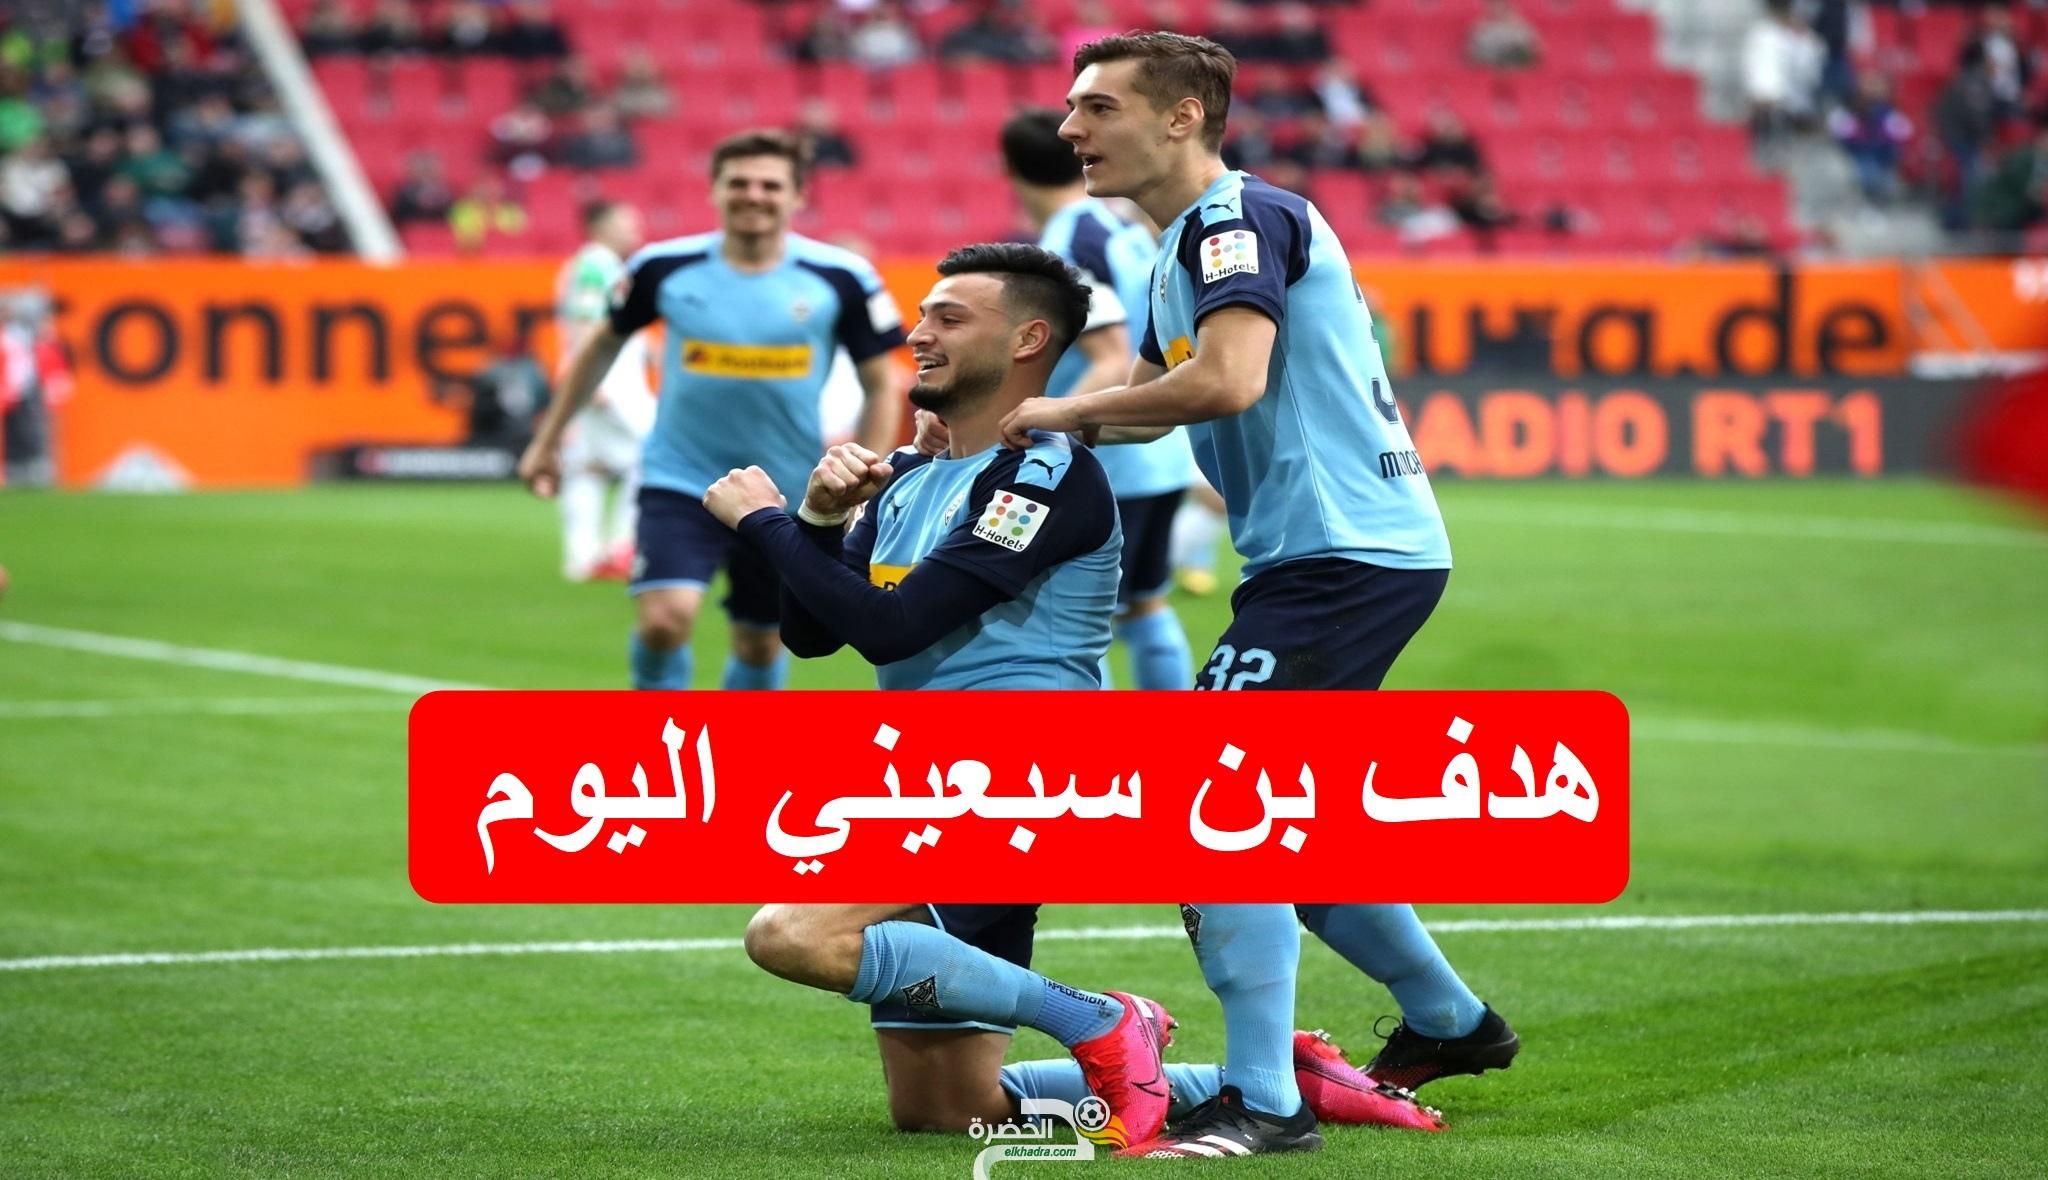 شاهد هدف بن سبعيني اليوم امام اوغسبورغ 30